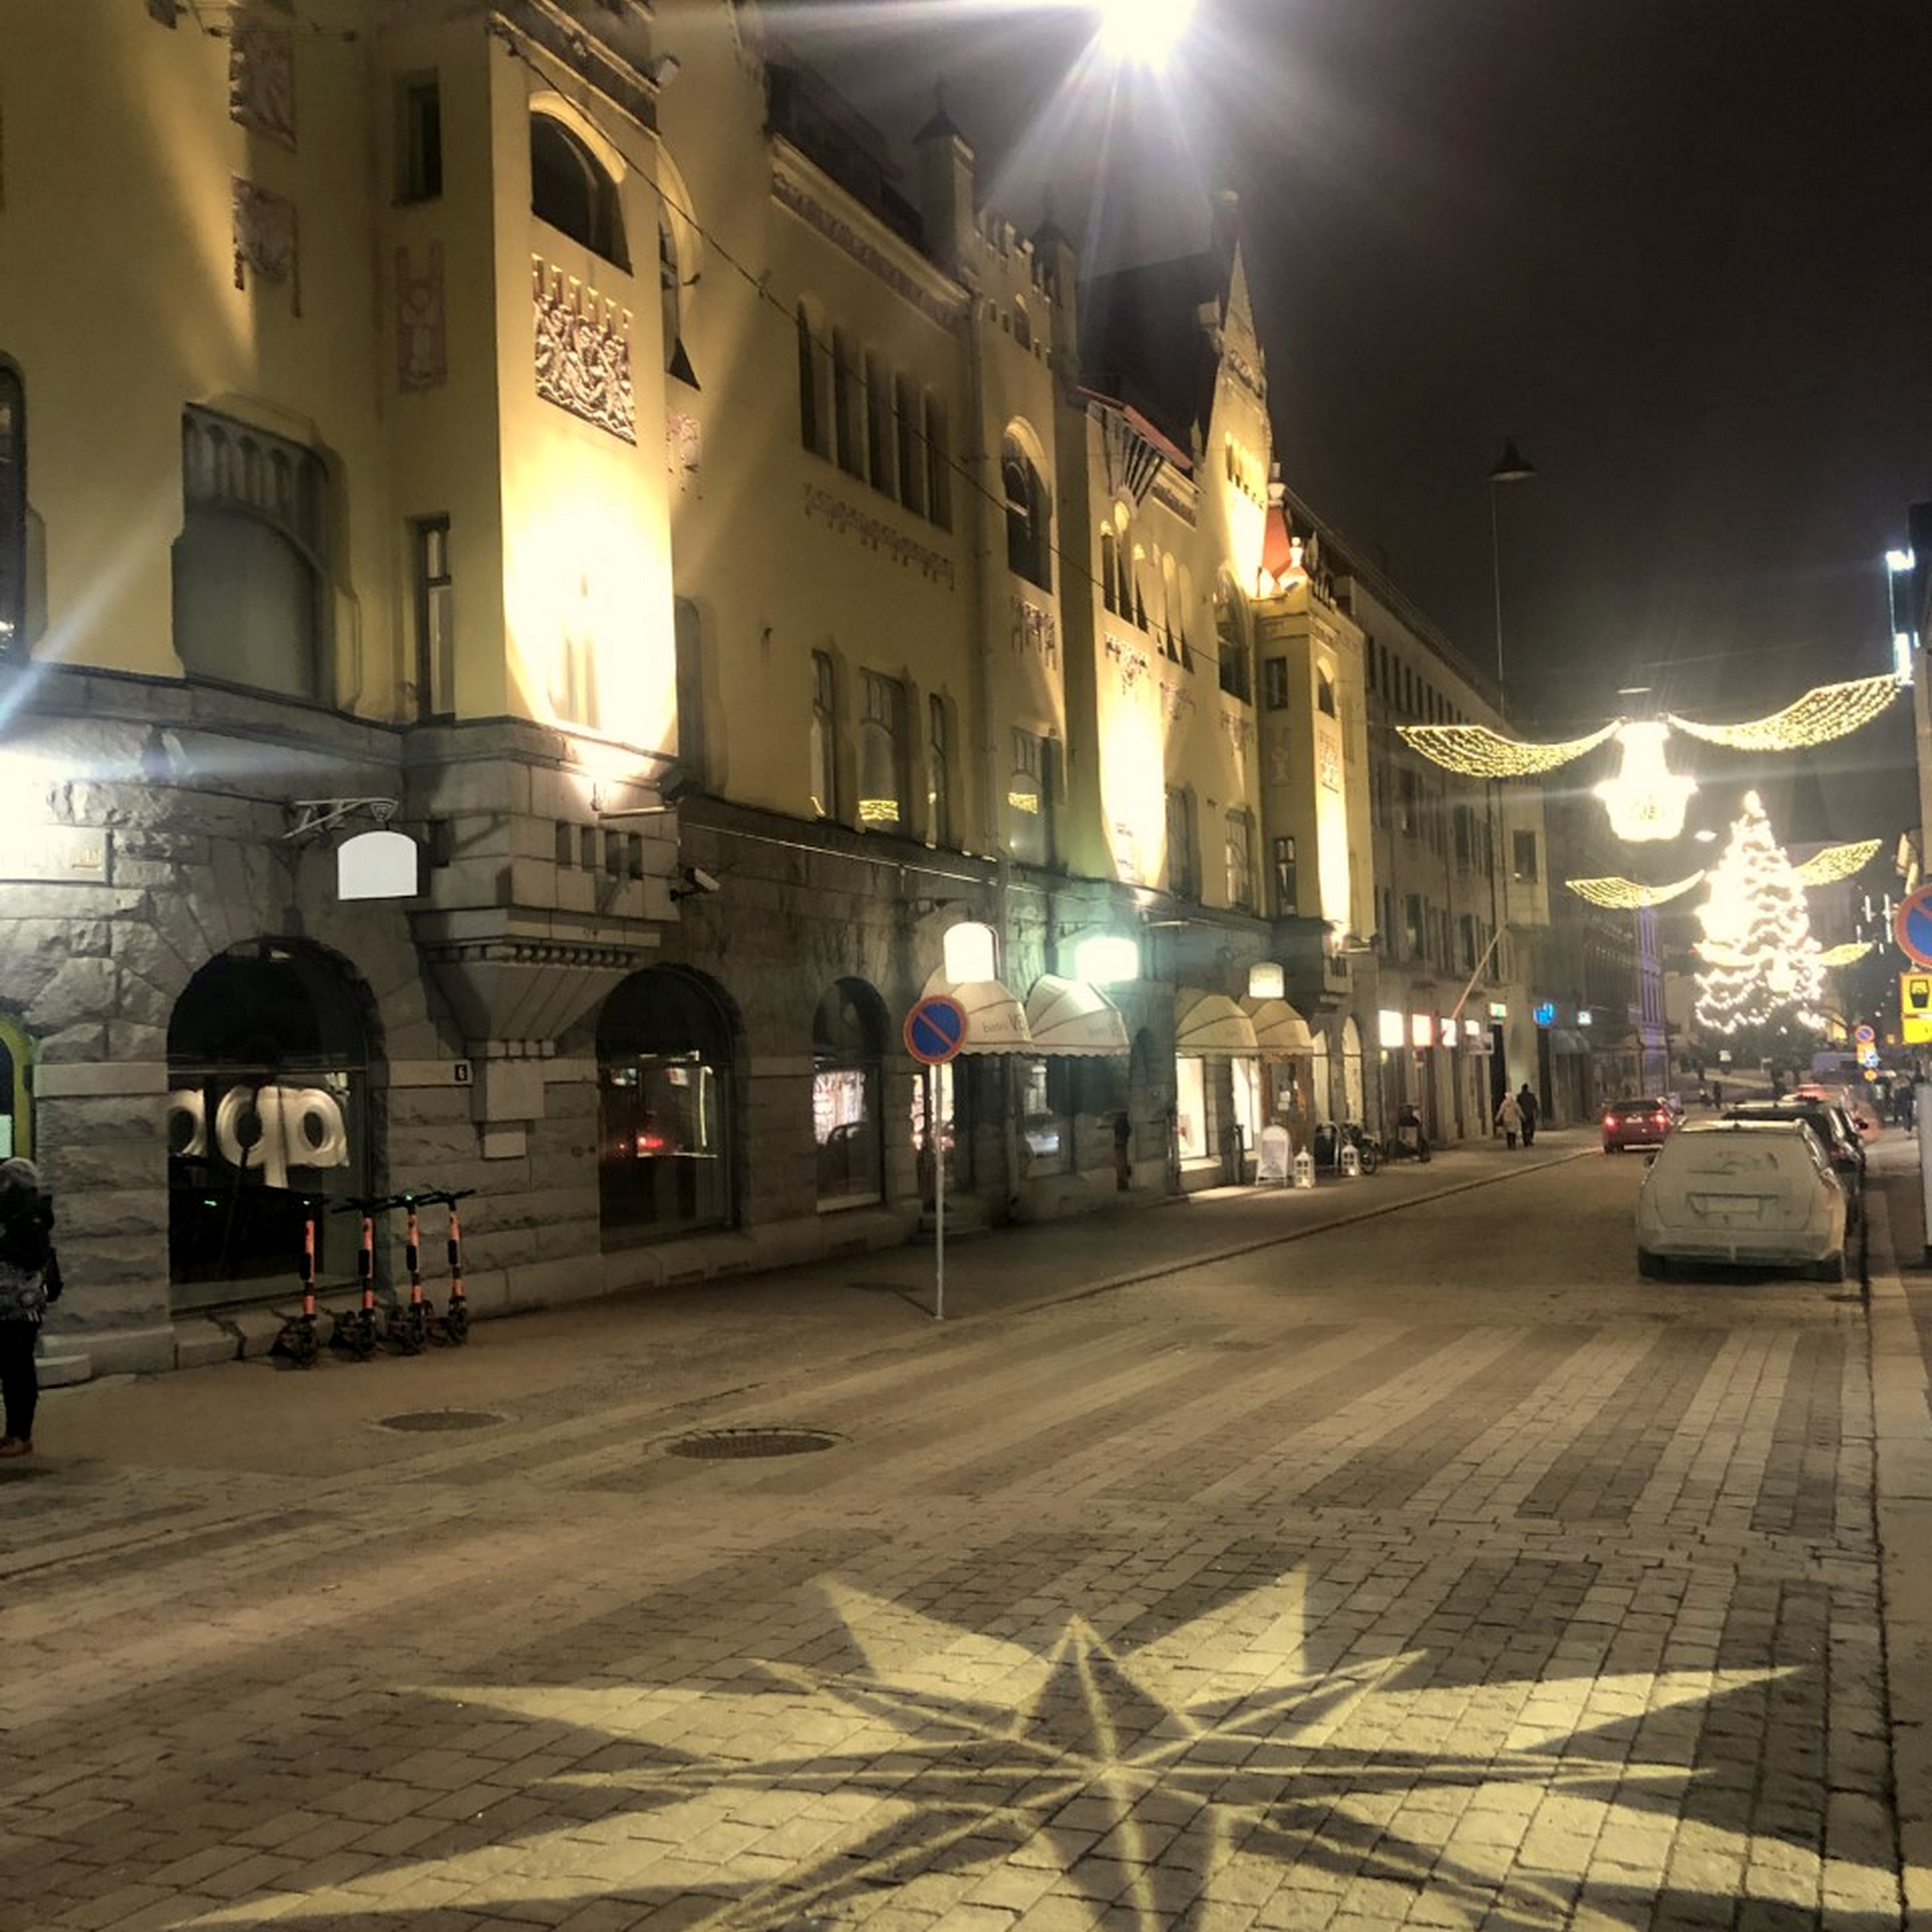 Christmas lights on the street.